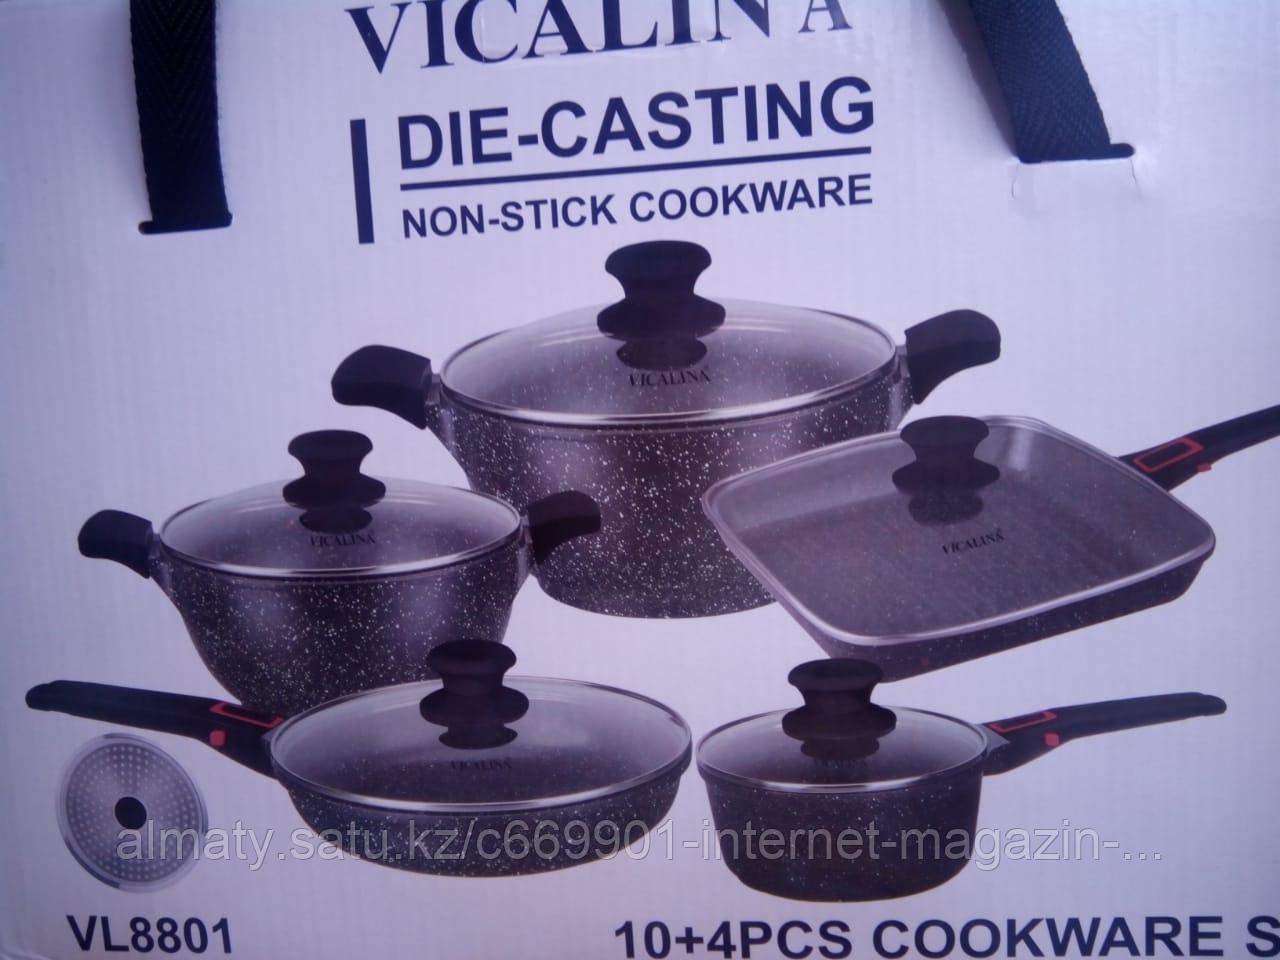 Набор посуды с каменным покрытием и съемными ручками Vicalina VL8801 - фото 2